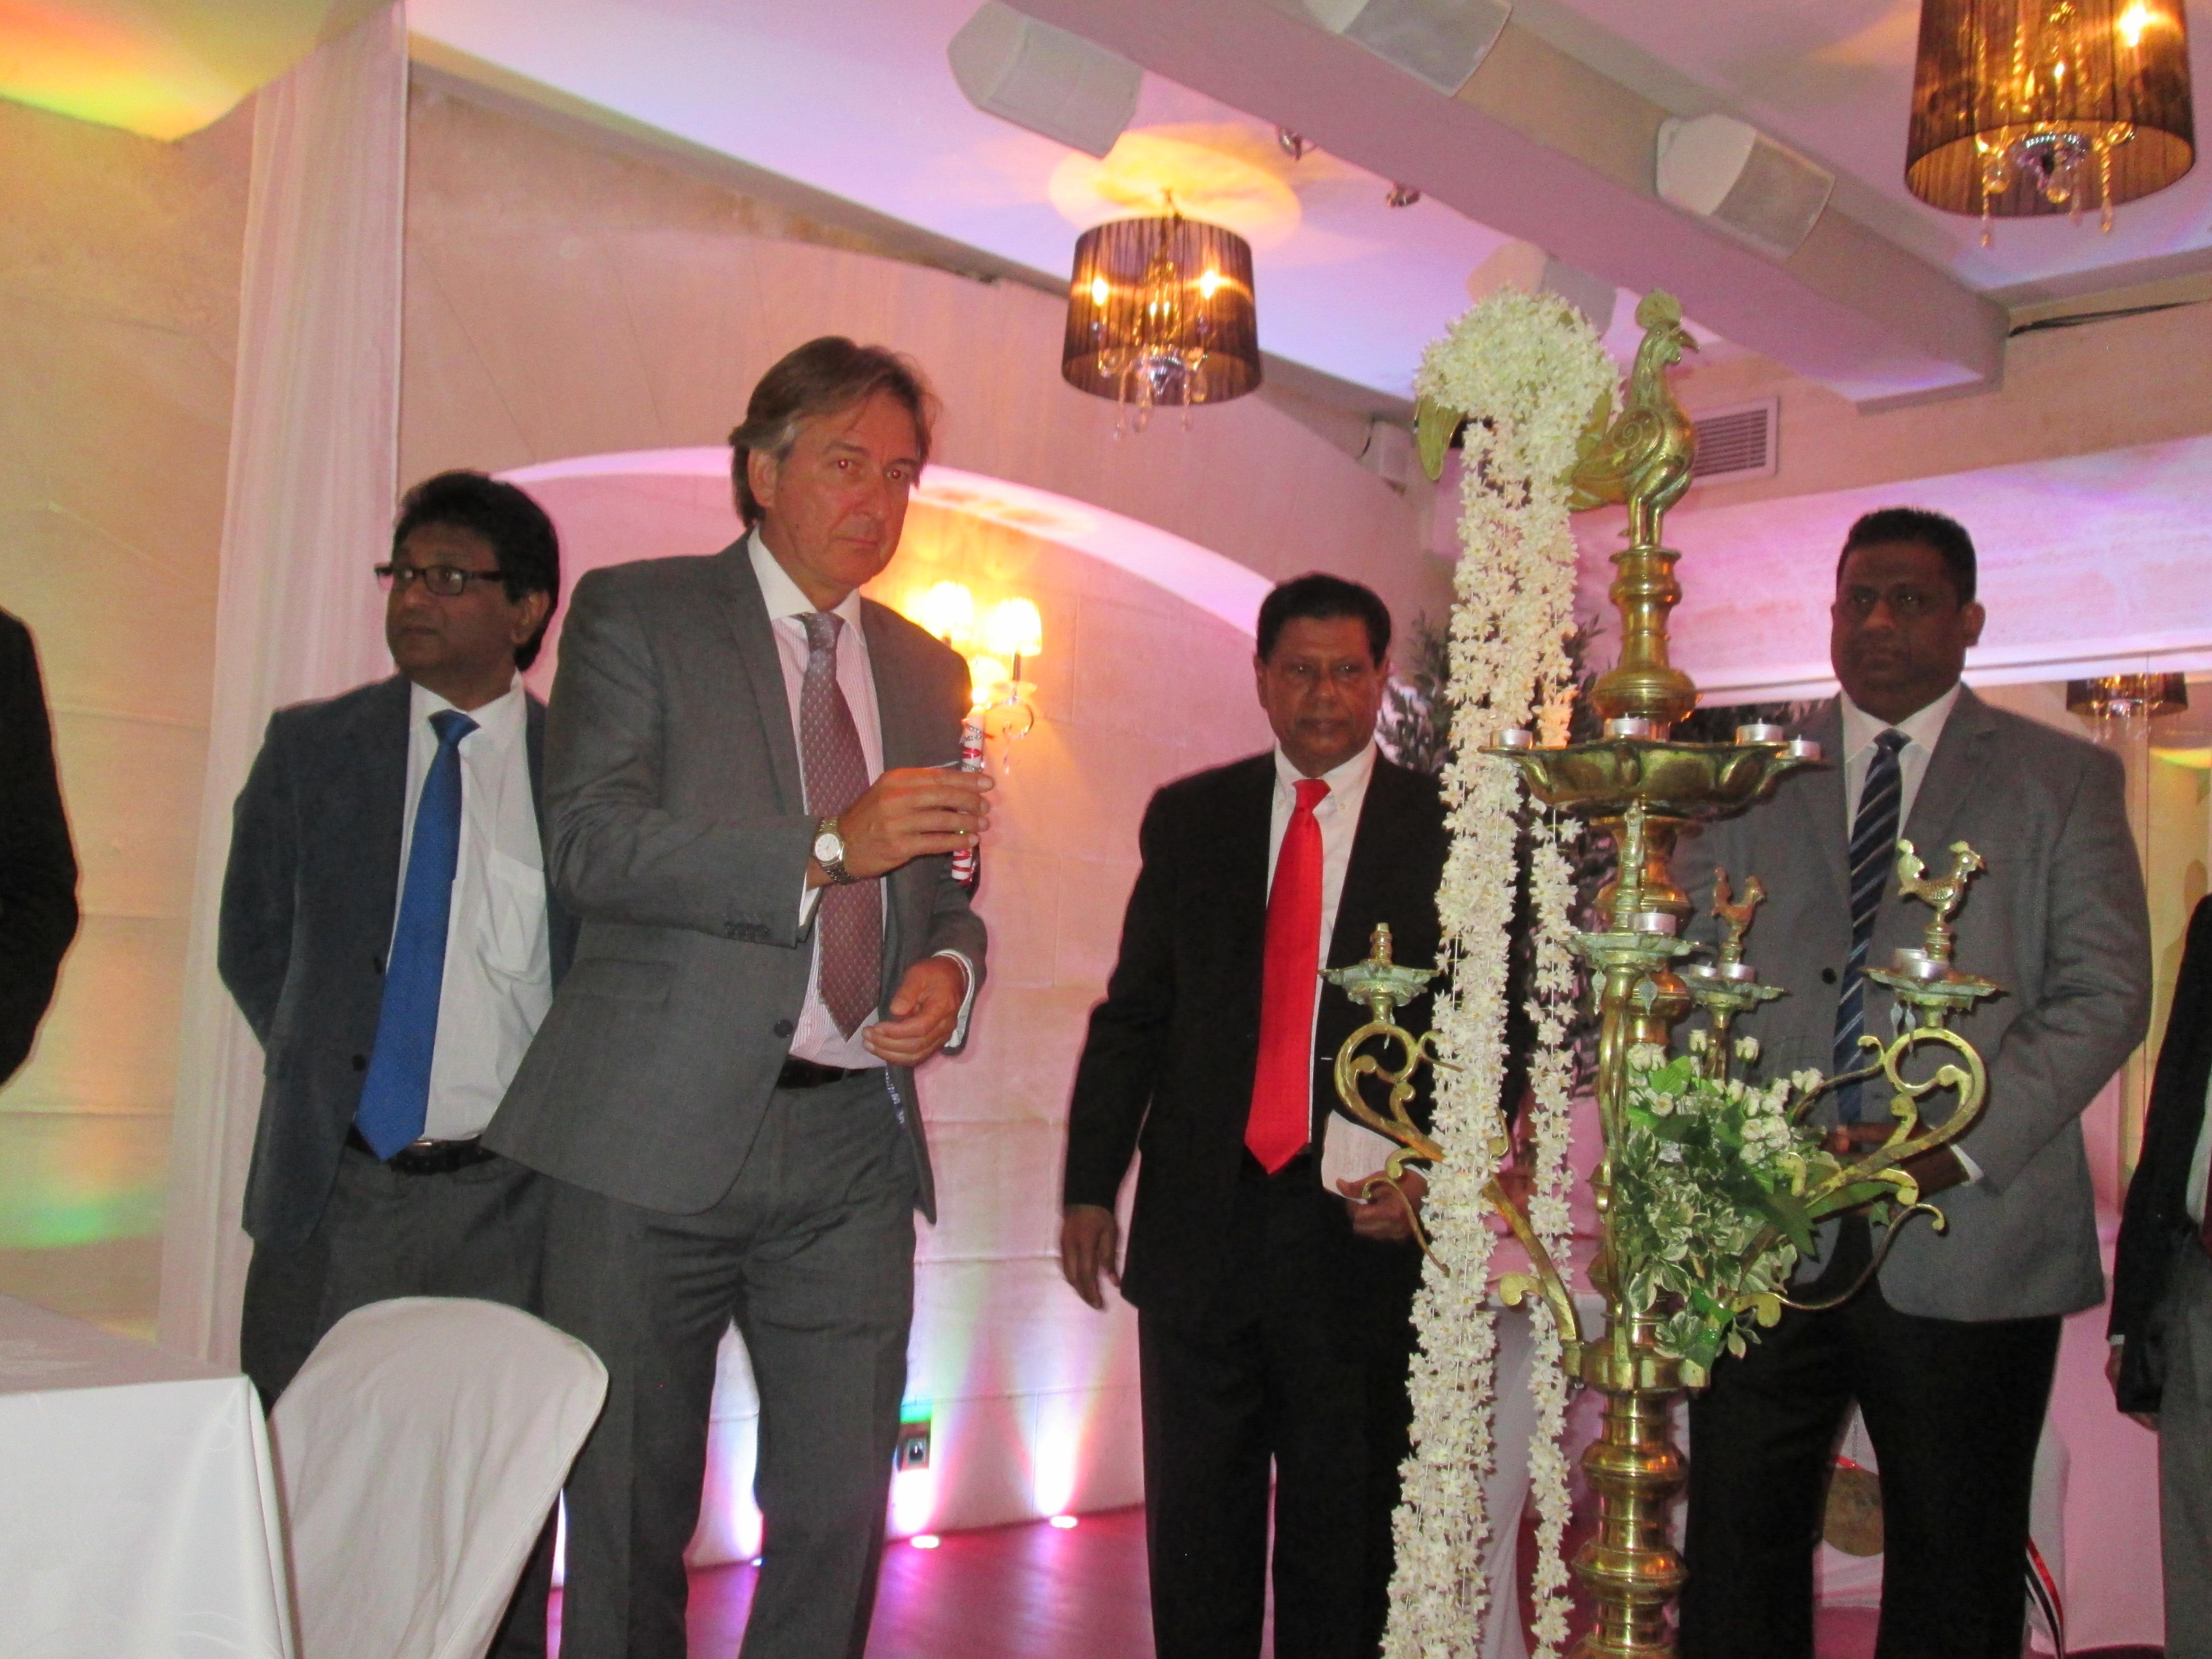 Légende photo : Son Excellence  Thilak Ranaviraja Ambassadeur du Sri Lanka en France entouré par  M. Arundika Fernando Ministre du Tourisme de Sri Lanka à droite et Danny Shepers directeur de Sri Lankan Airlines pour la France. Ici à la  cérémonie d'éclairage de la lampe à huile, une tradition  venue clôturer leur conférence de presse.